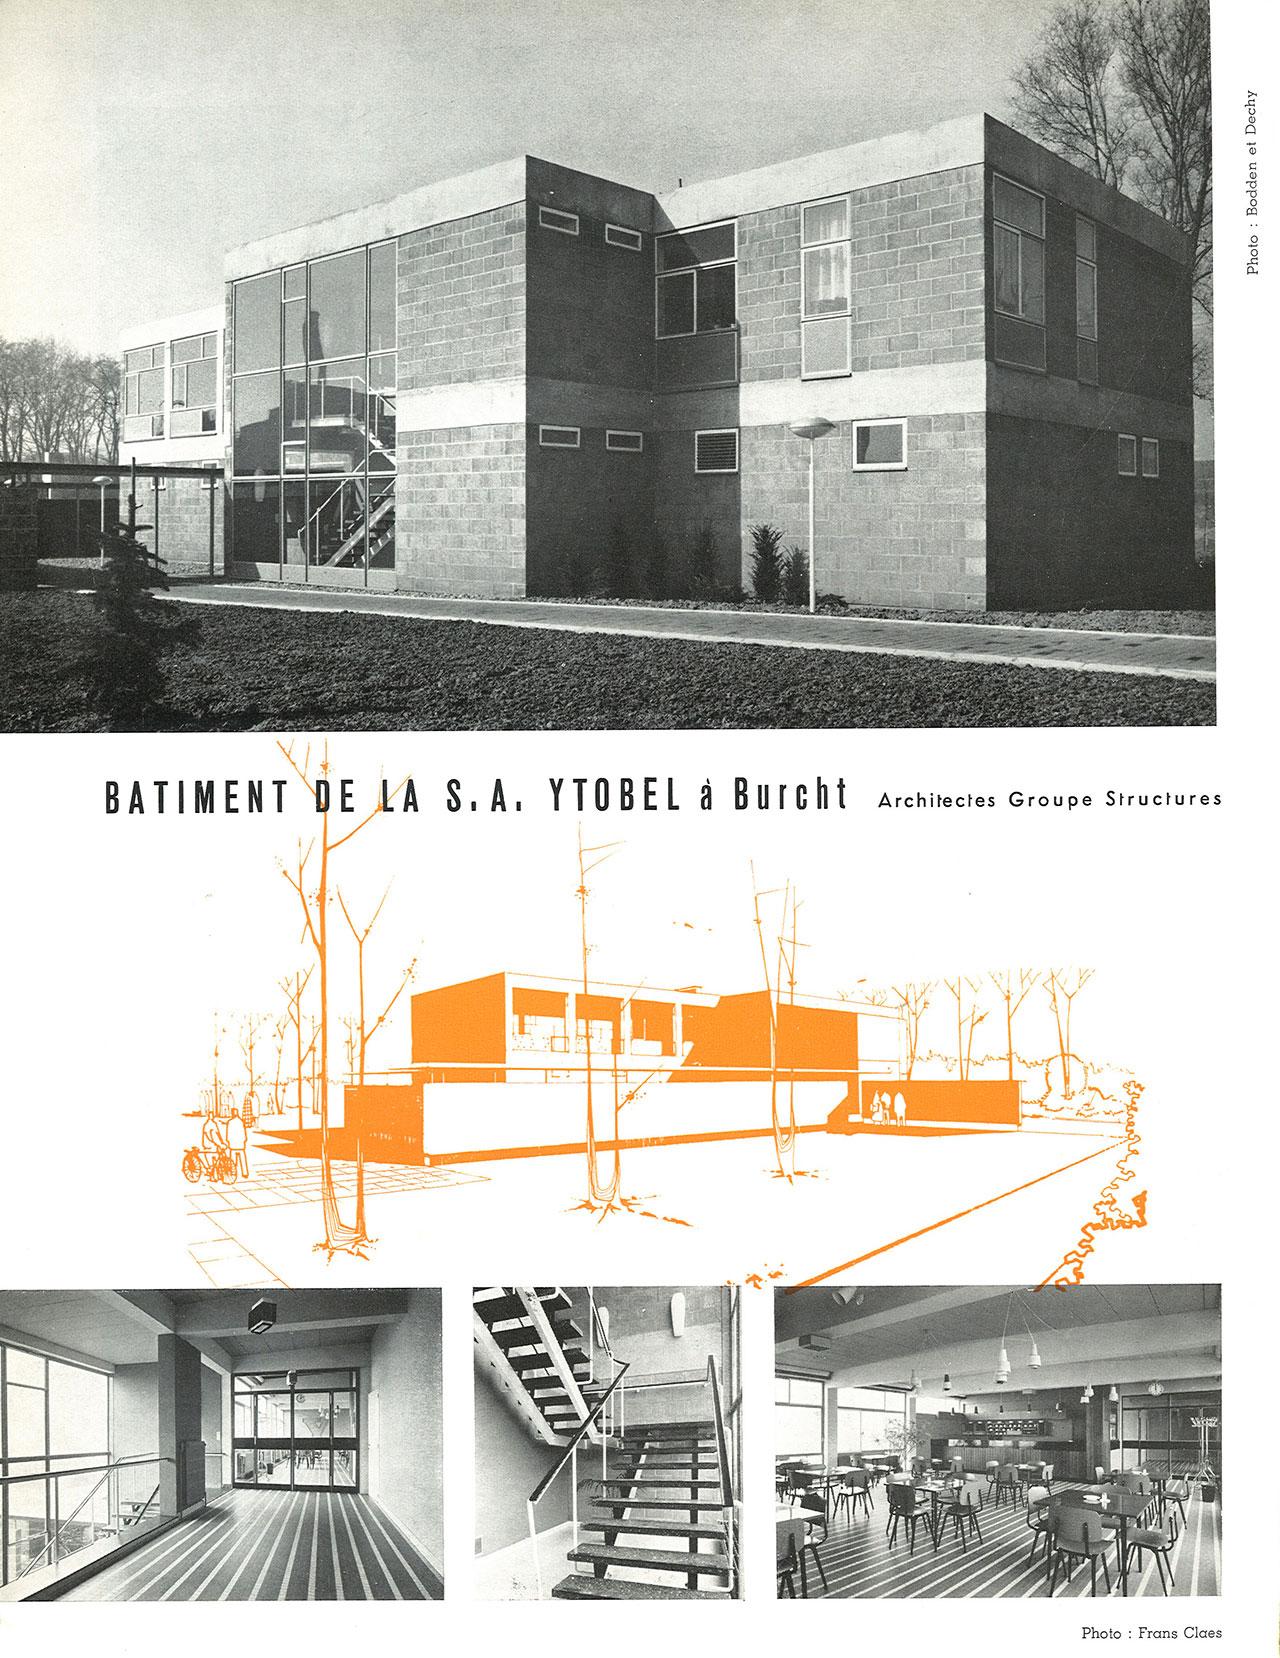 Bâtiment de la S.A. Ytobel à Burcht